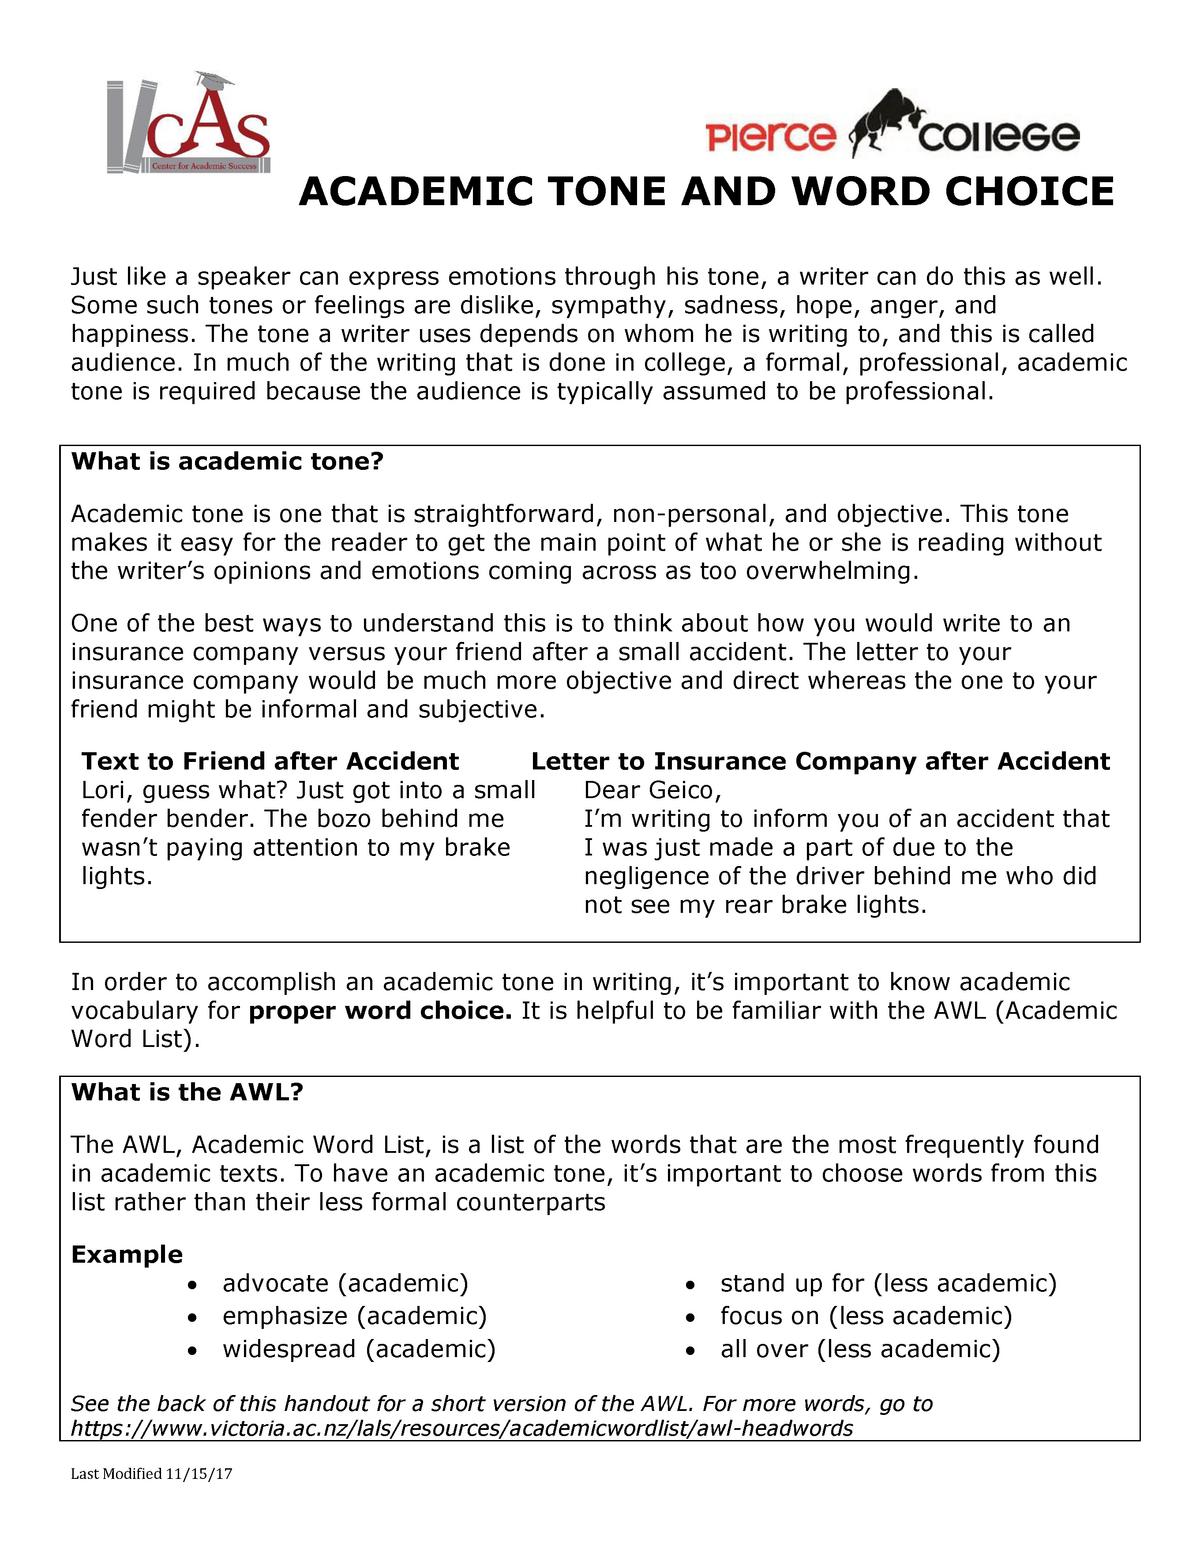 Academic TONE AND WORD Choice - Eng 101: English - StuDocu